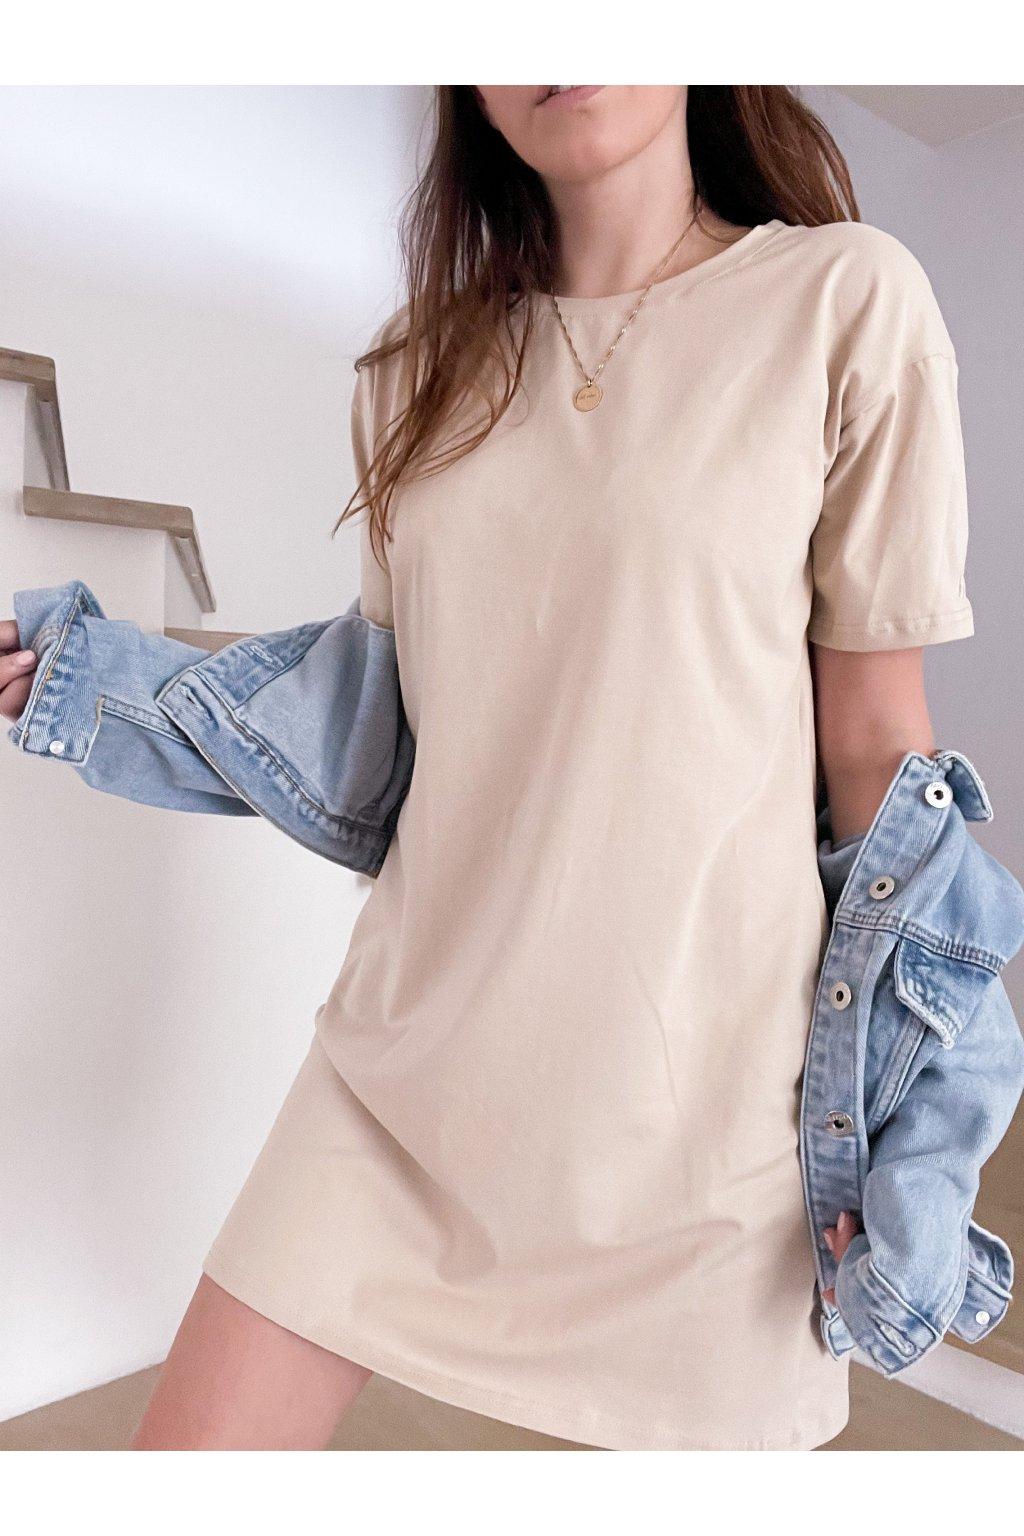 Tričkové krátké šaty Hello lorii! Krémové